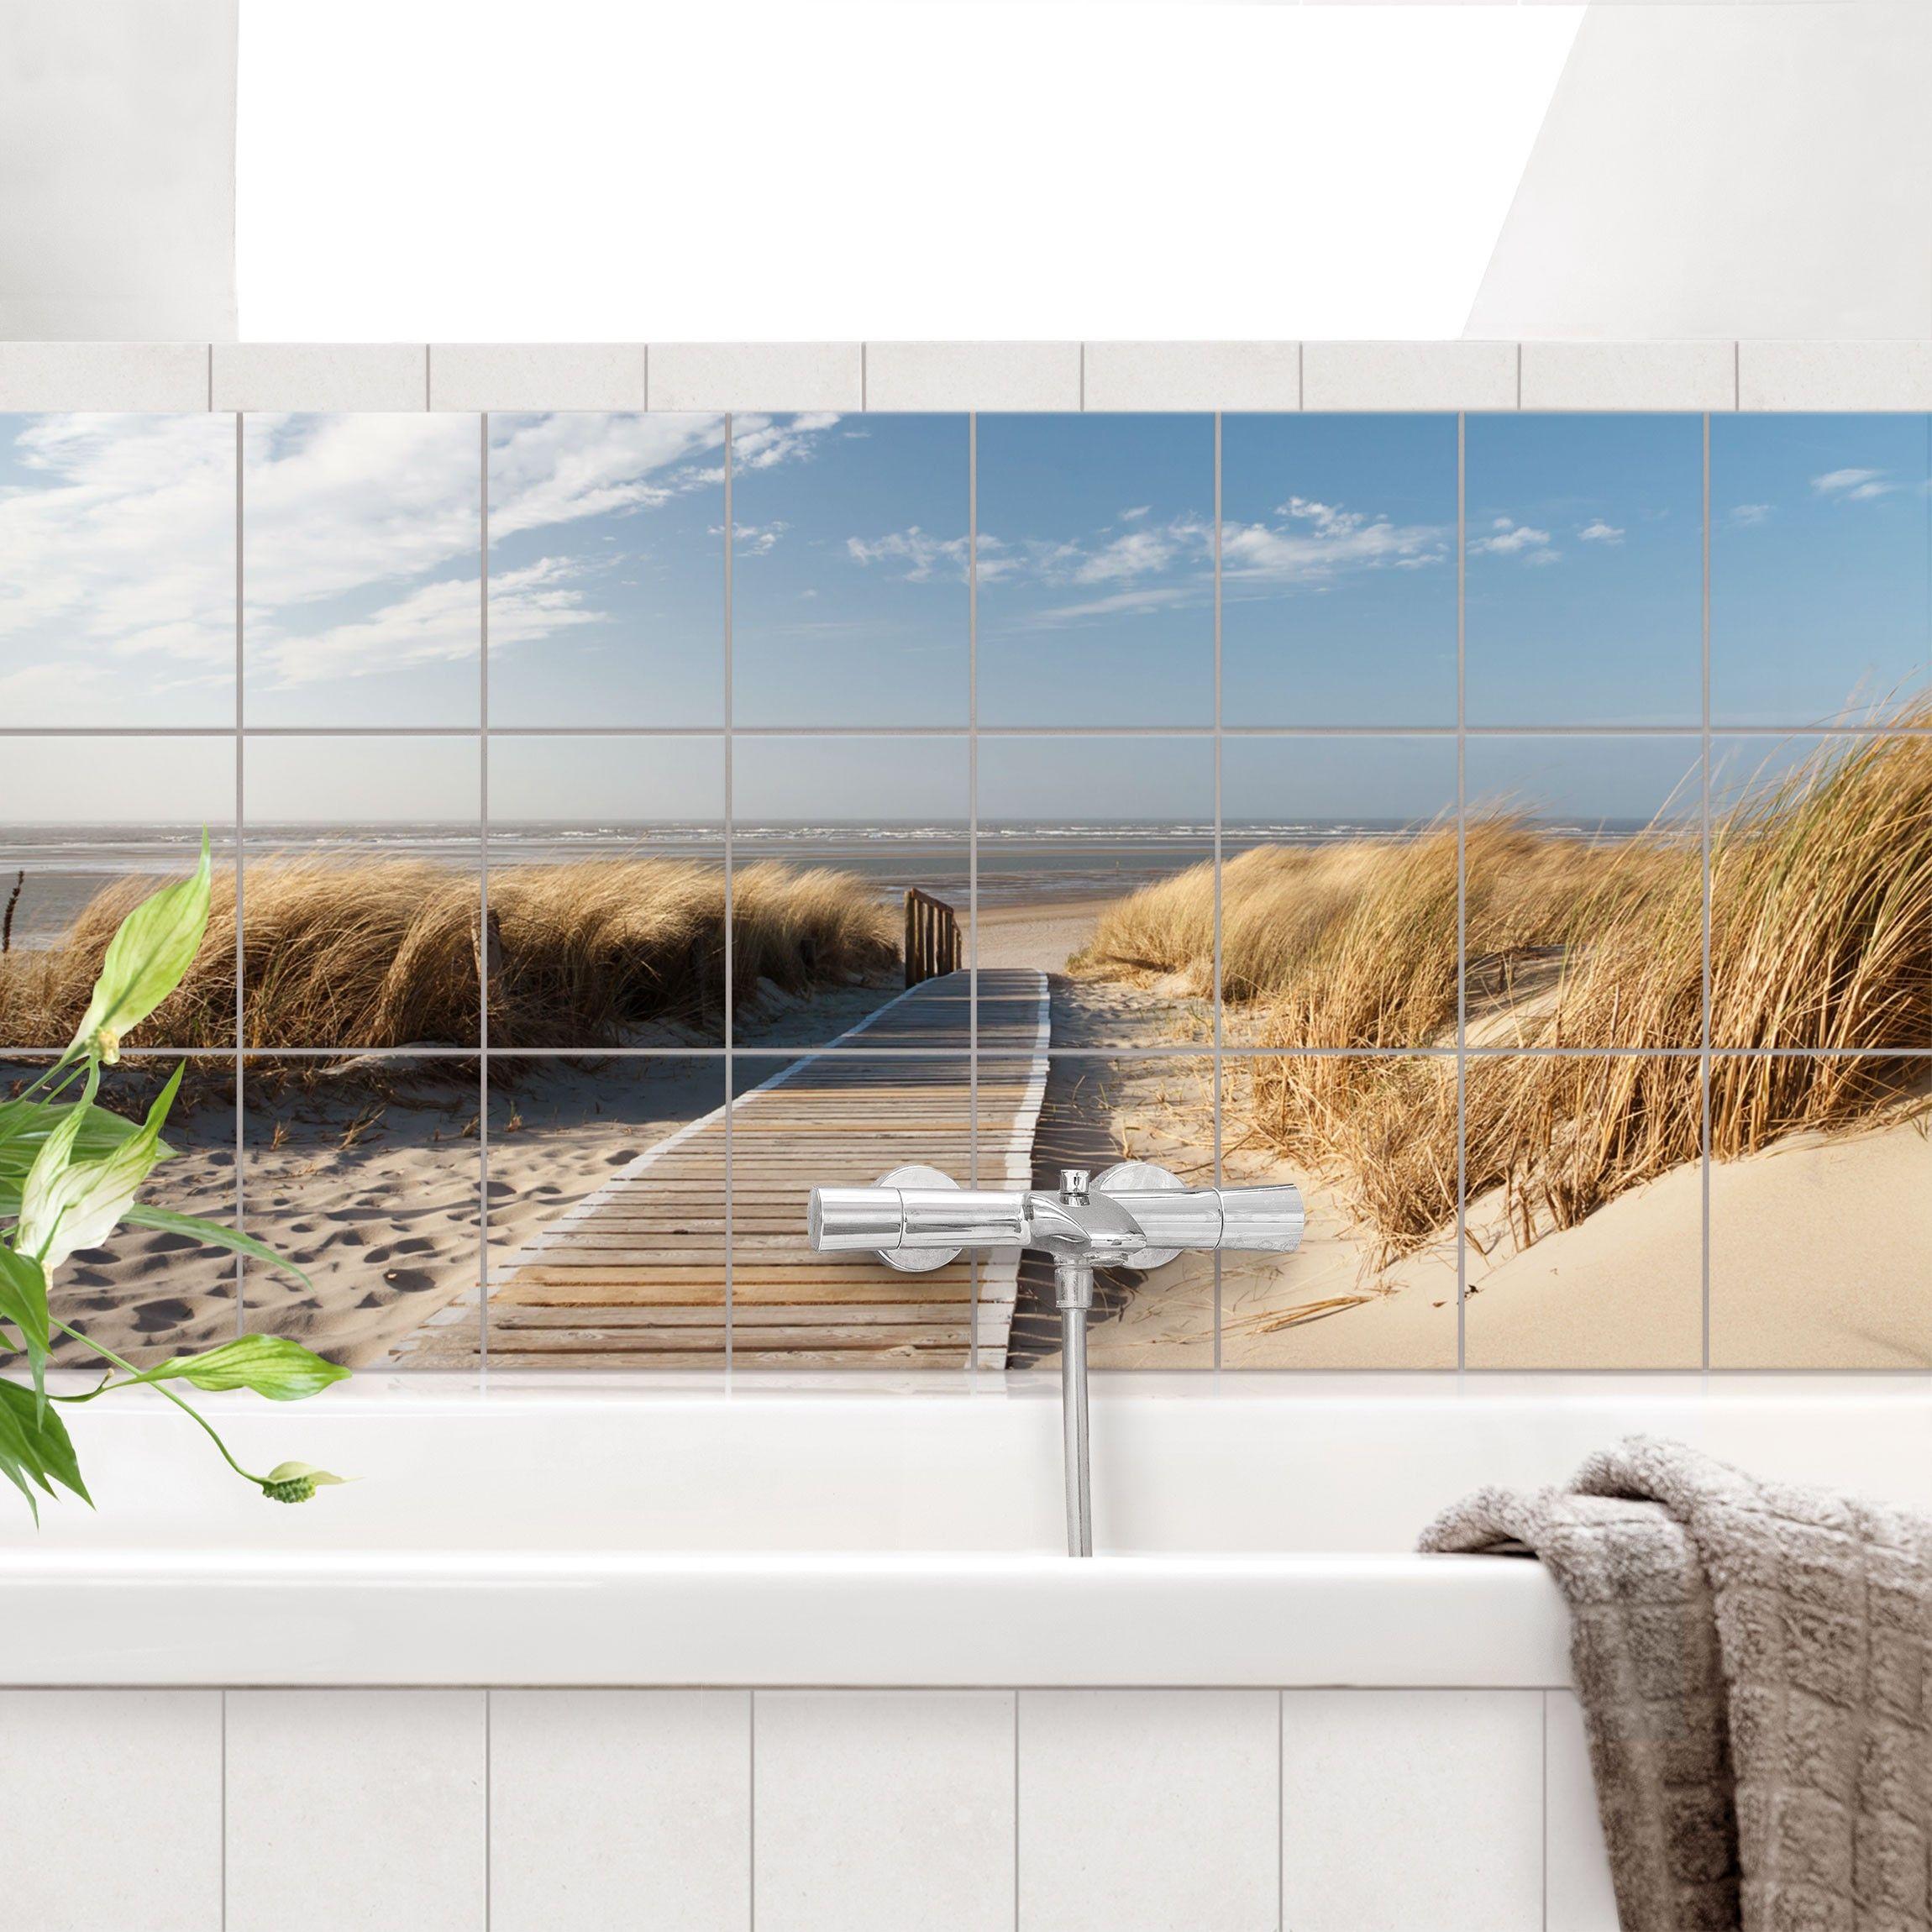 Neuer Look Fur Fliesen Im Badezimmer Mit Fliesenbildern Fliesenbilder Fliesenaufkleber Ostsee Strand